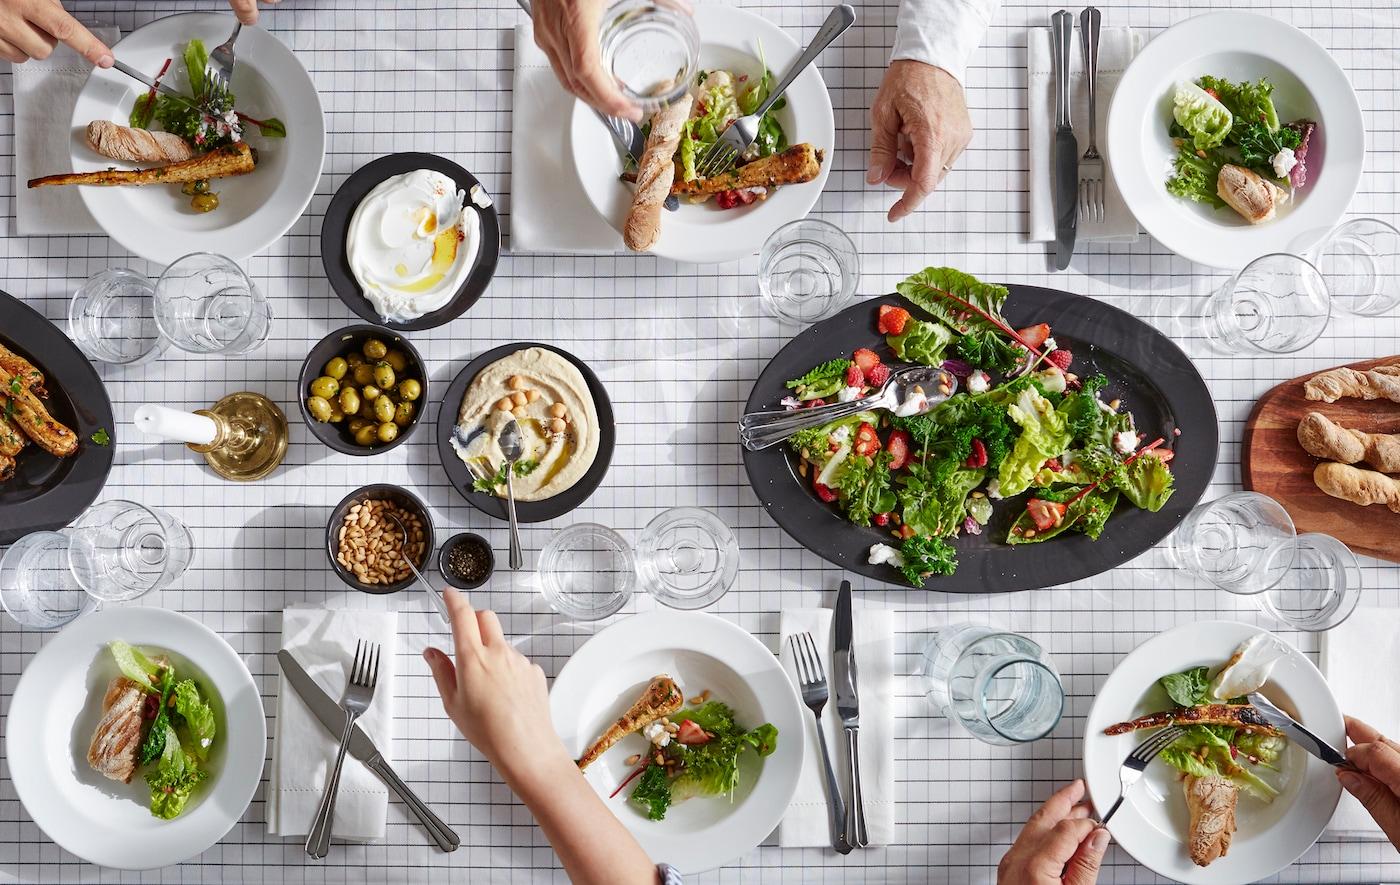 Foto von oben auf einen gedeckten Tisch mit Salat, Brot und vielem mehr